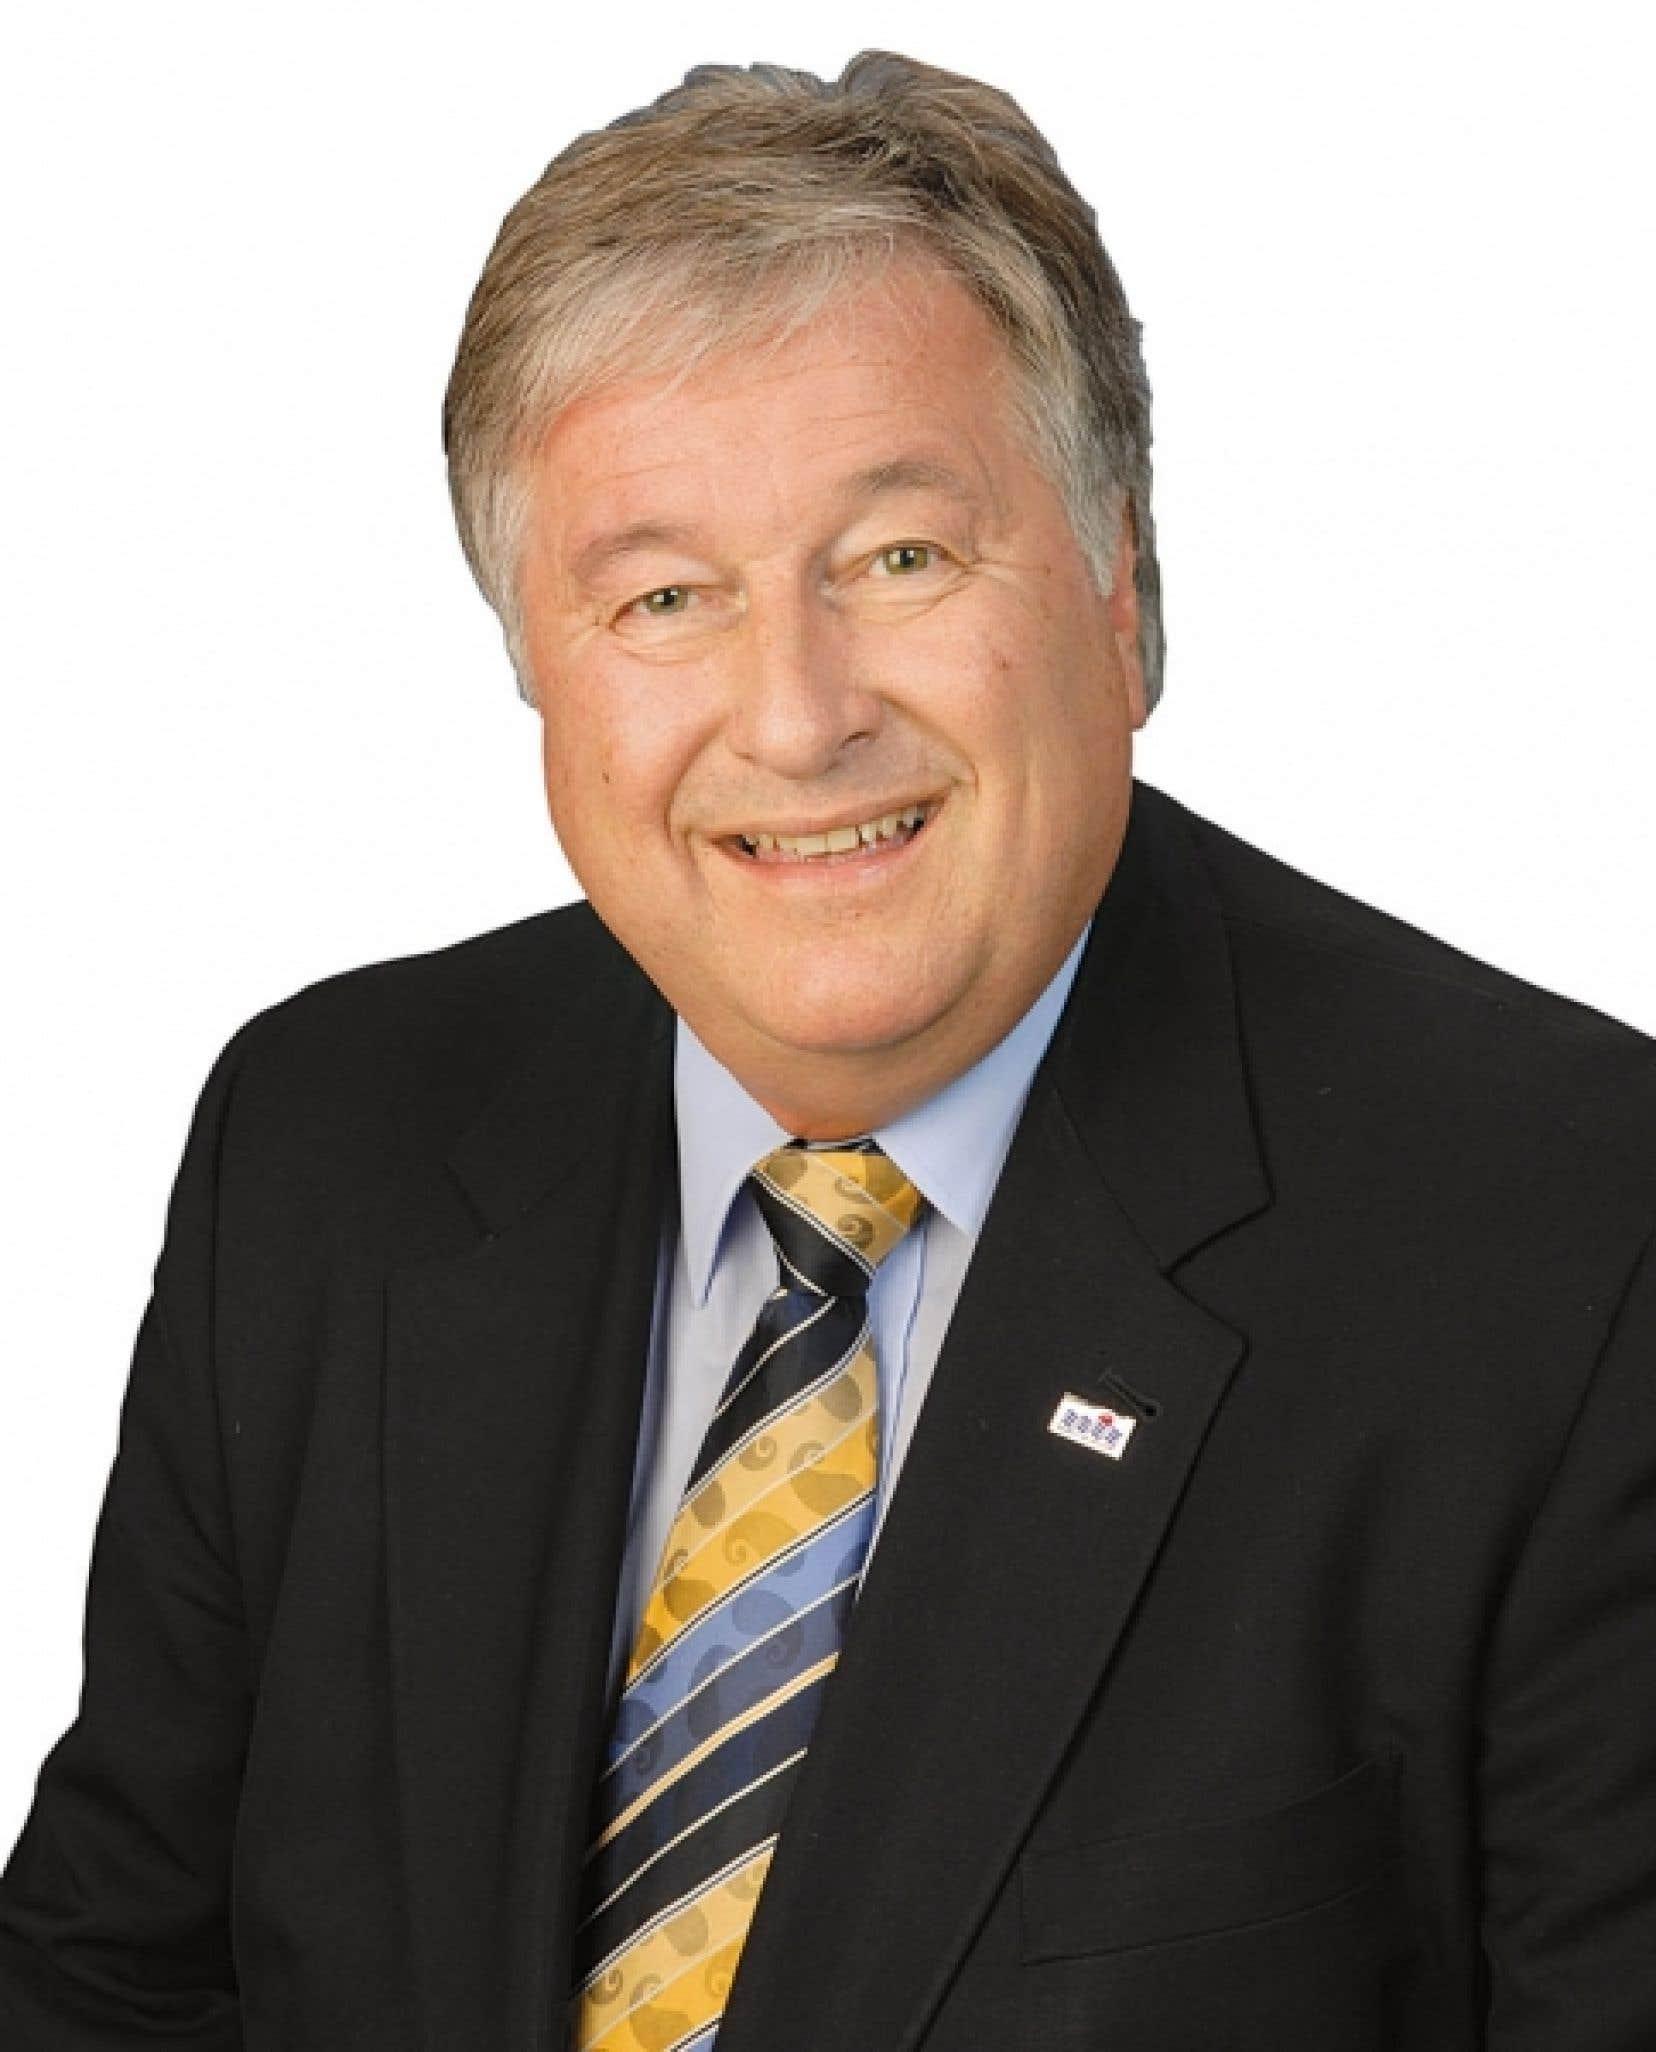 Denis Lapointe est maire de la ville de Salaberry-de-Valleyfield et président de la Commission de l'environnement de l'Union des municipalités du Québec.<br />